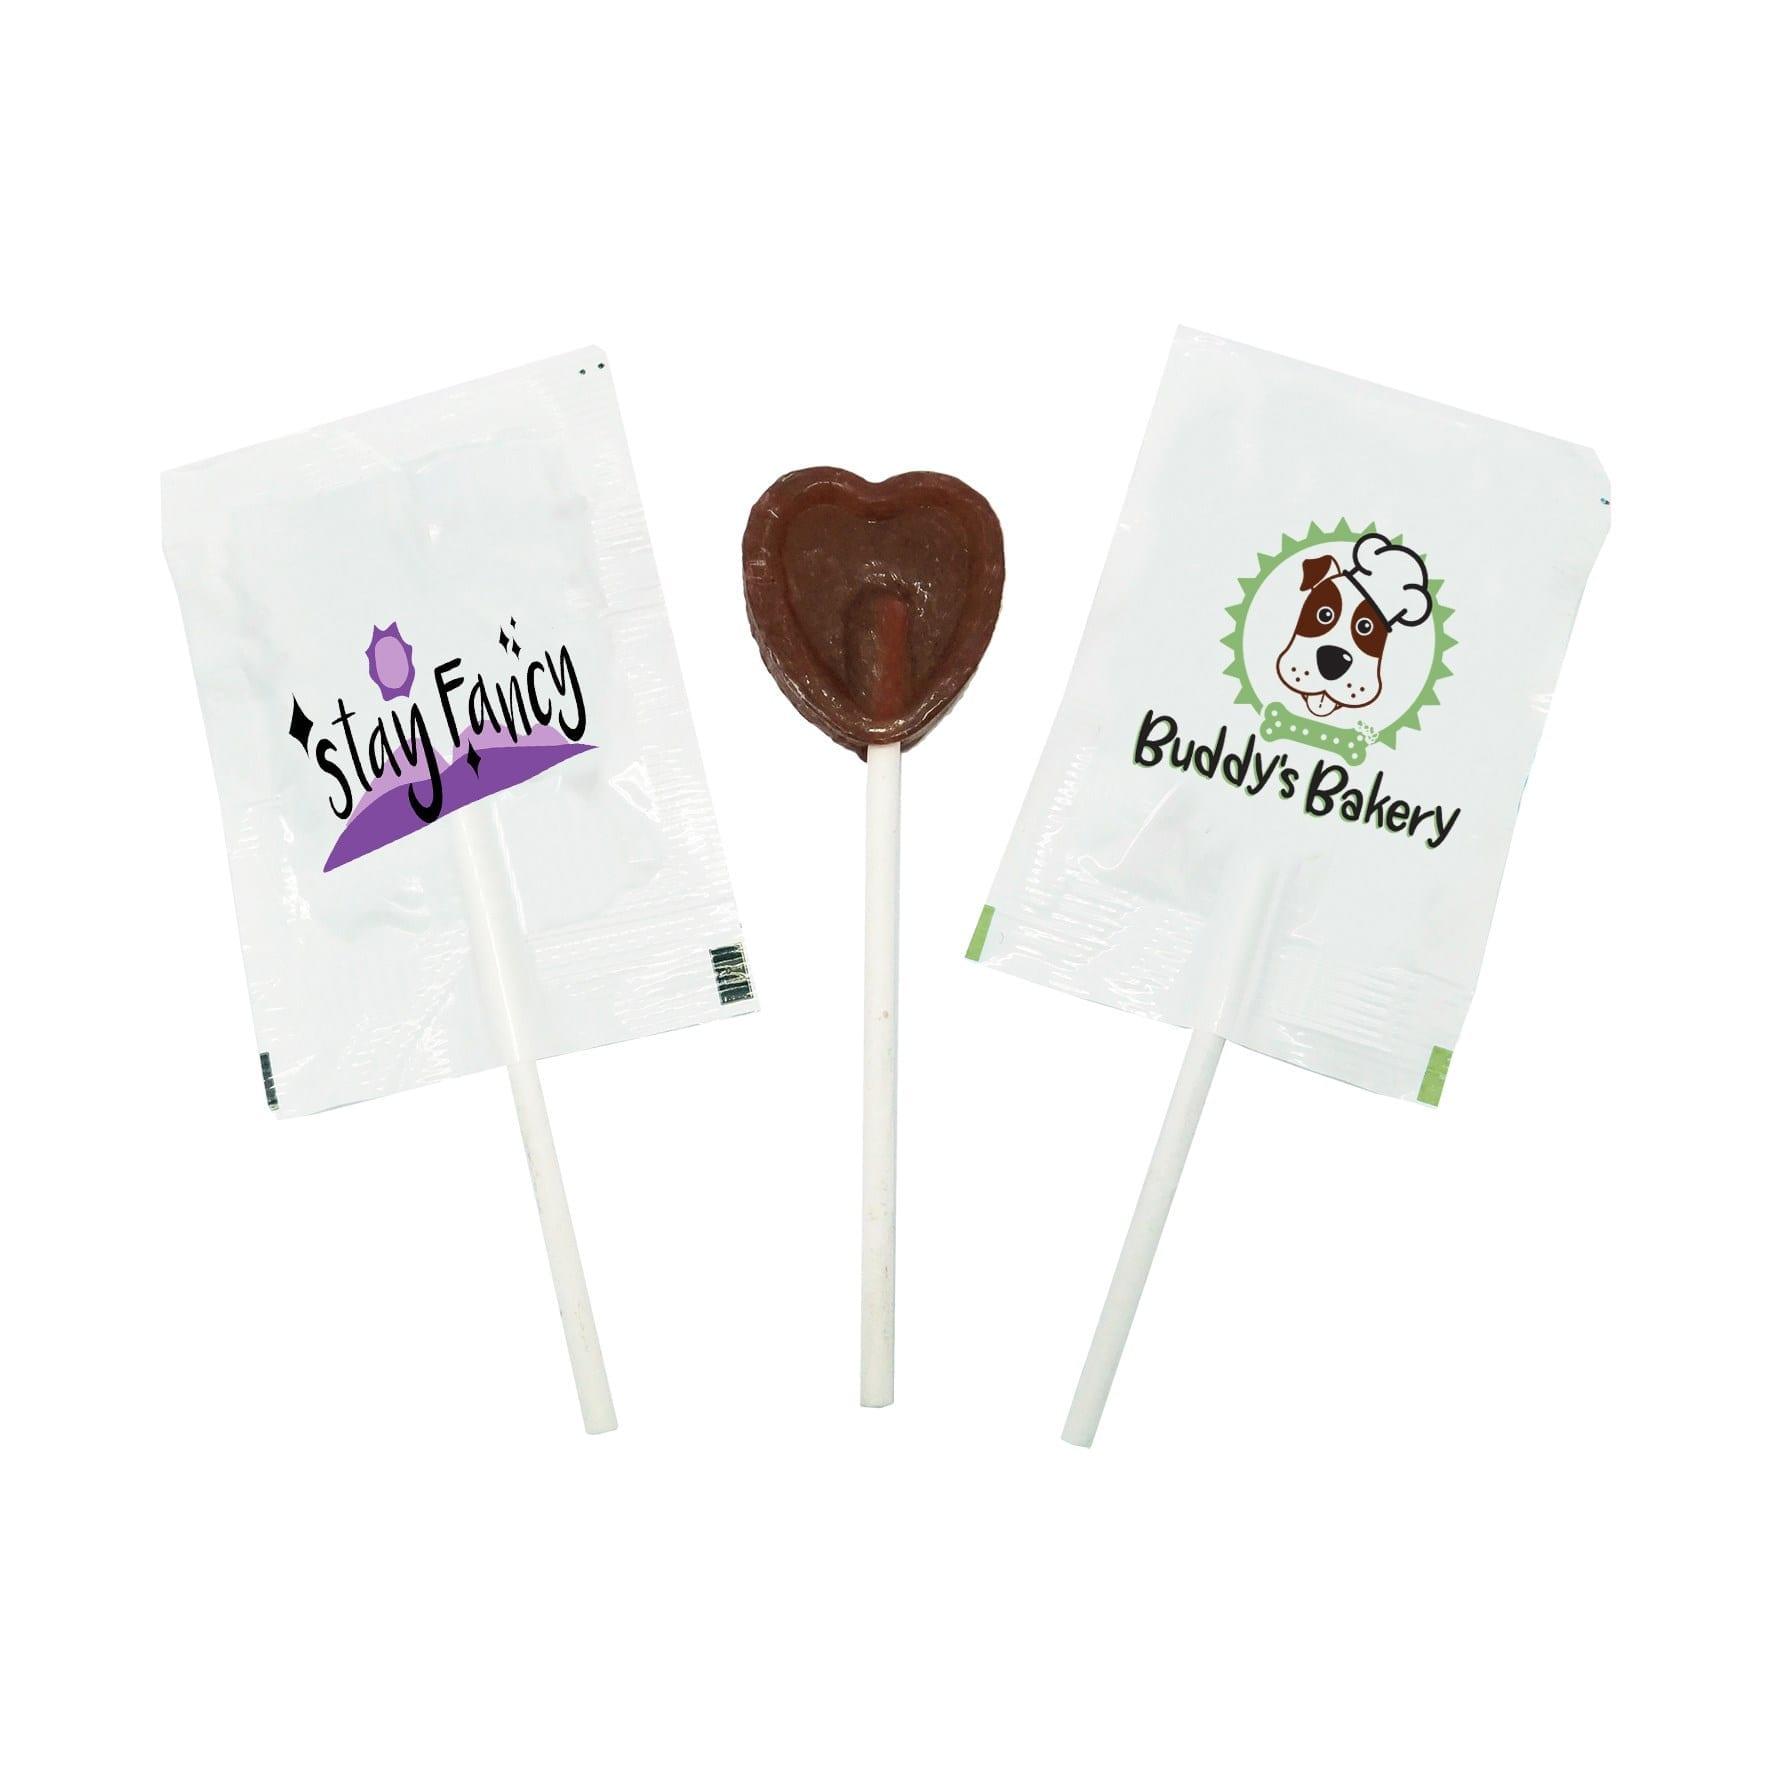 Mini heart shaped lollipop